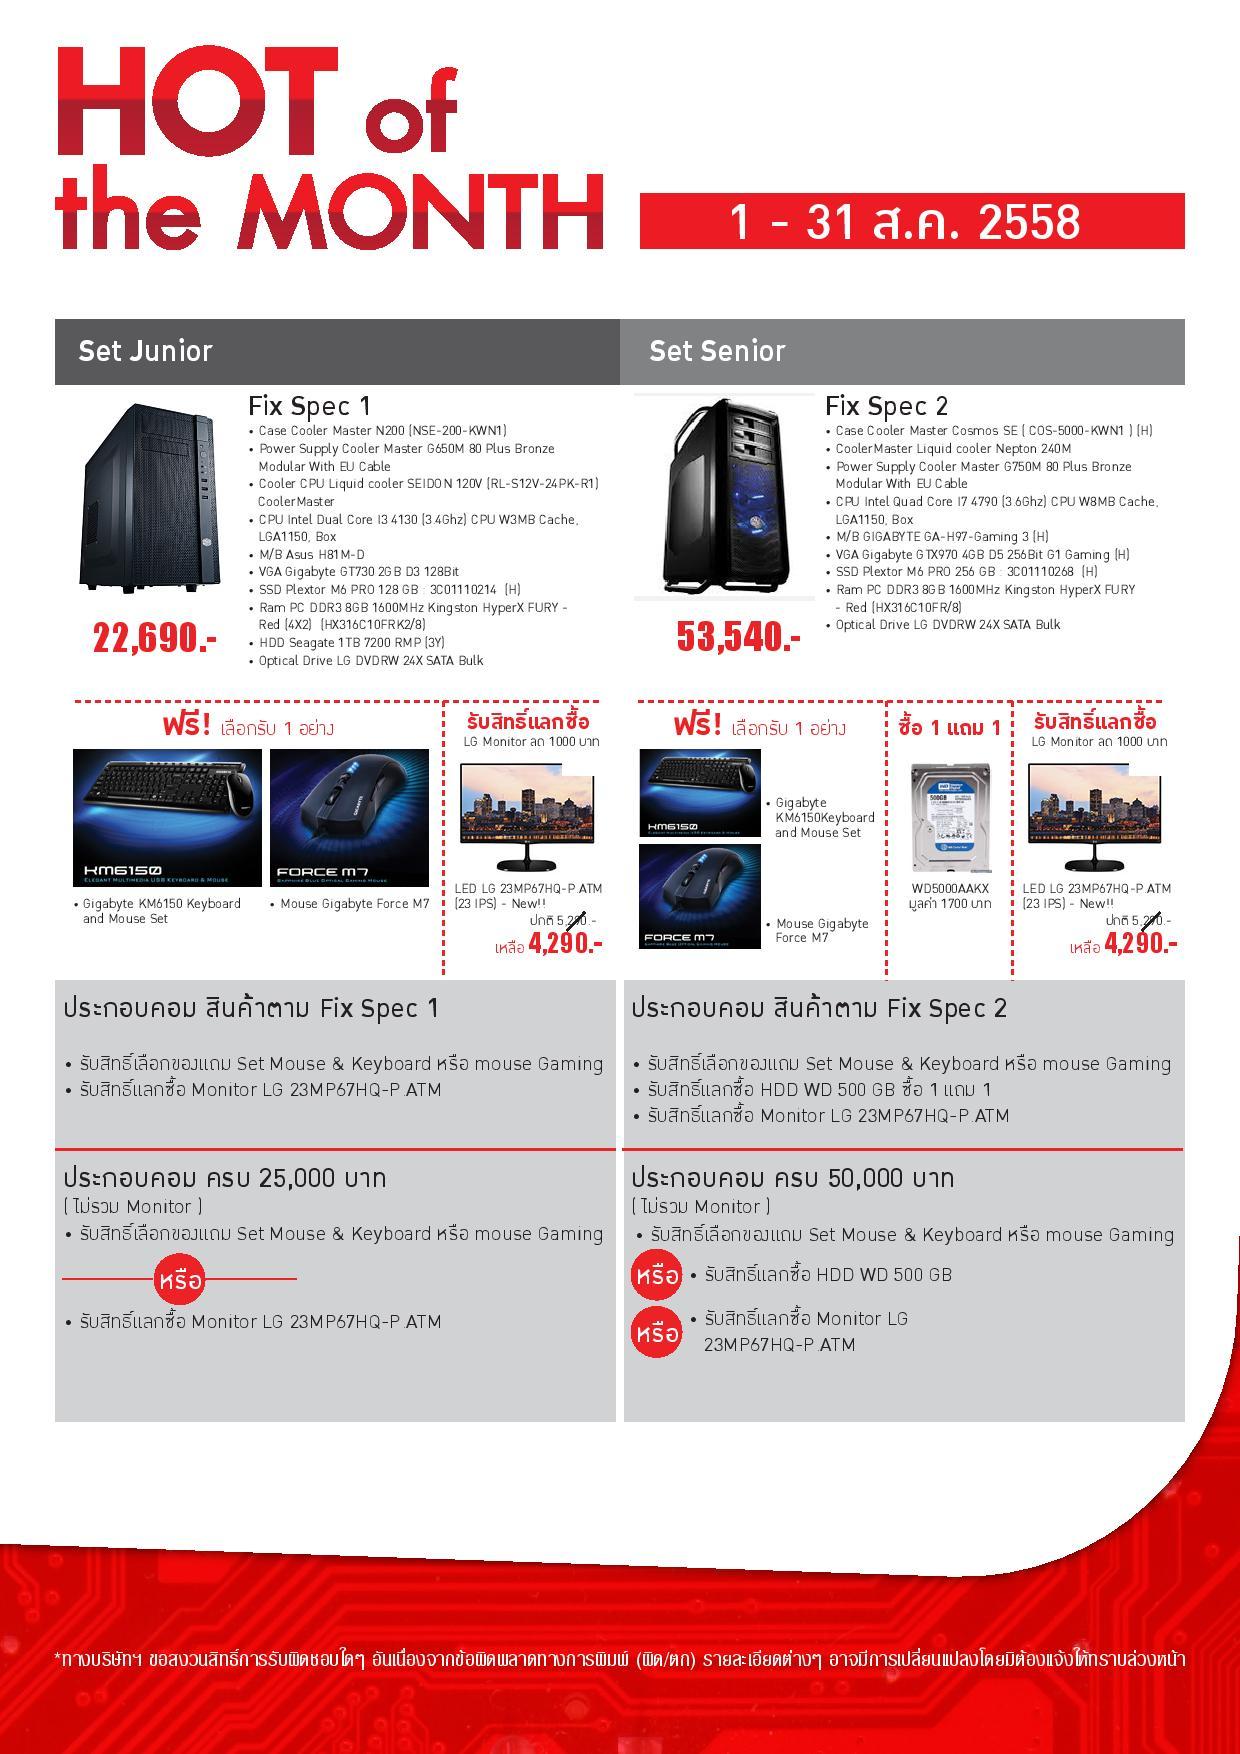 HOF-brochure-bnnit-page-002